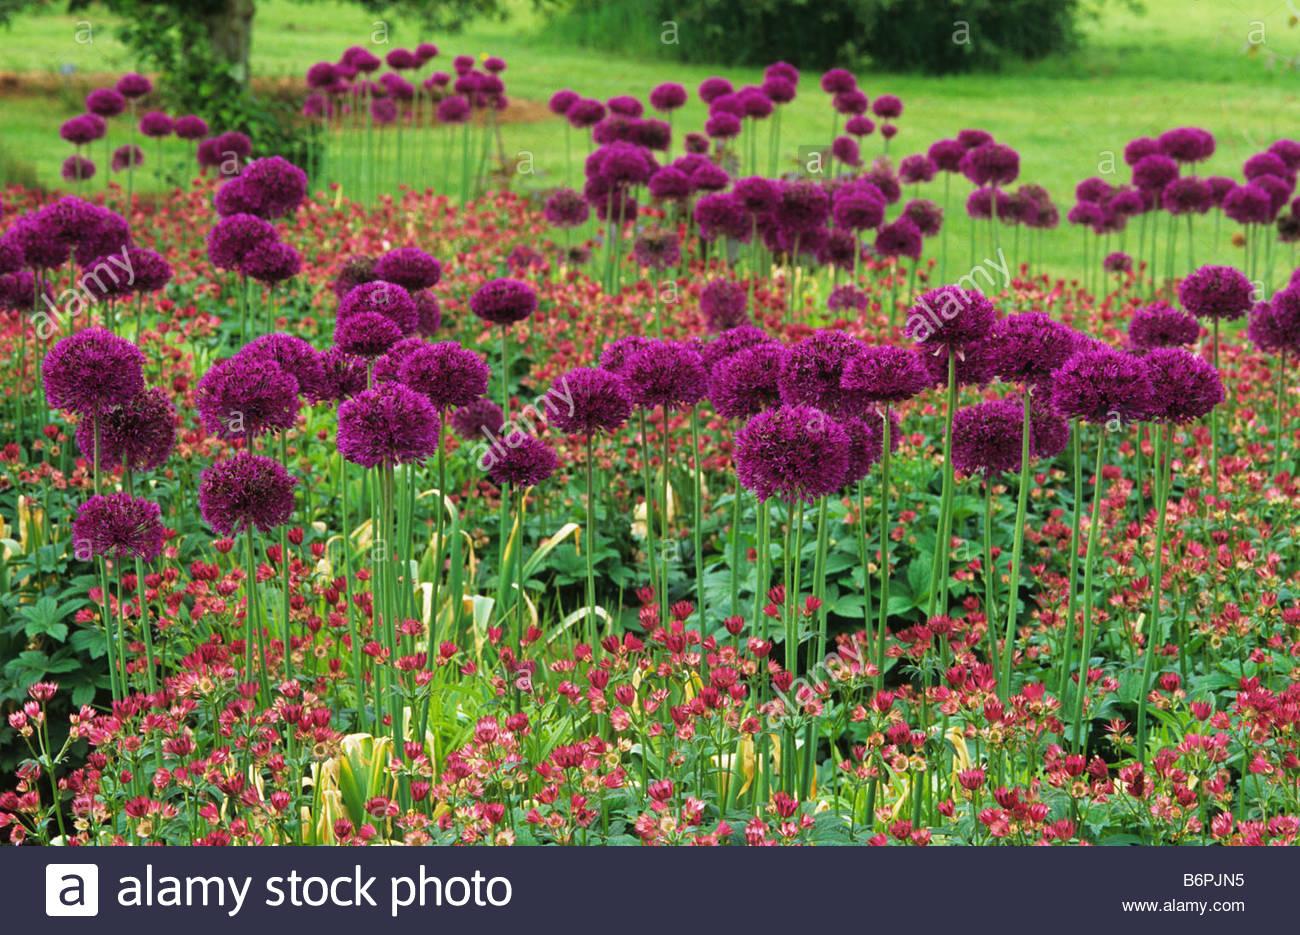 Rhs wisley surrey design piet oudolf colour coordinated for Piet oudolf pflanzen